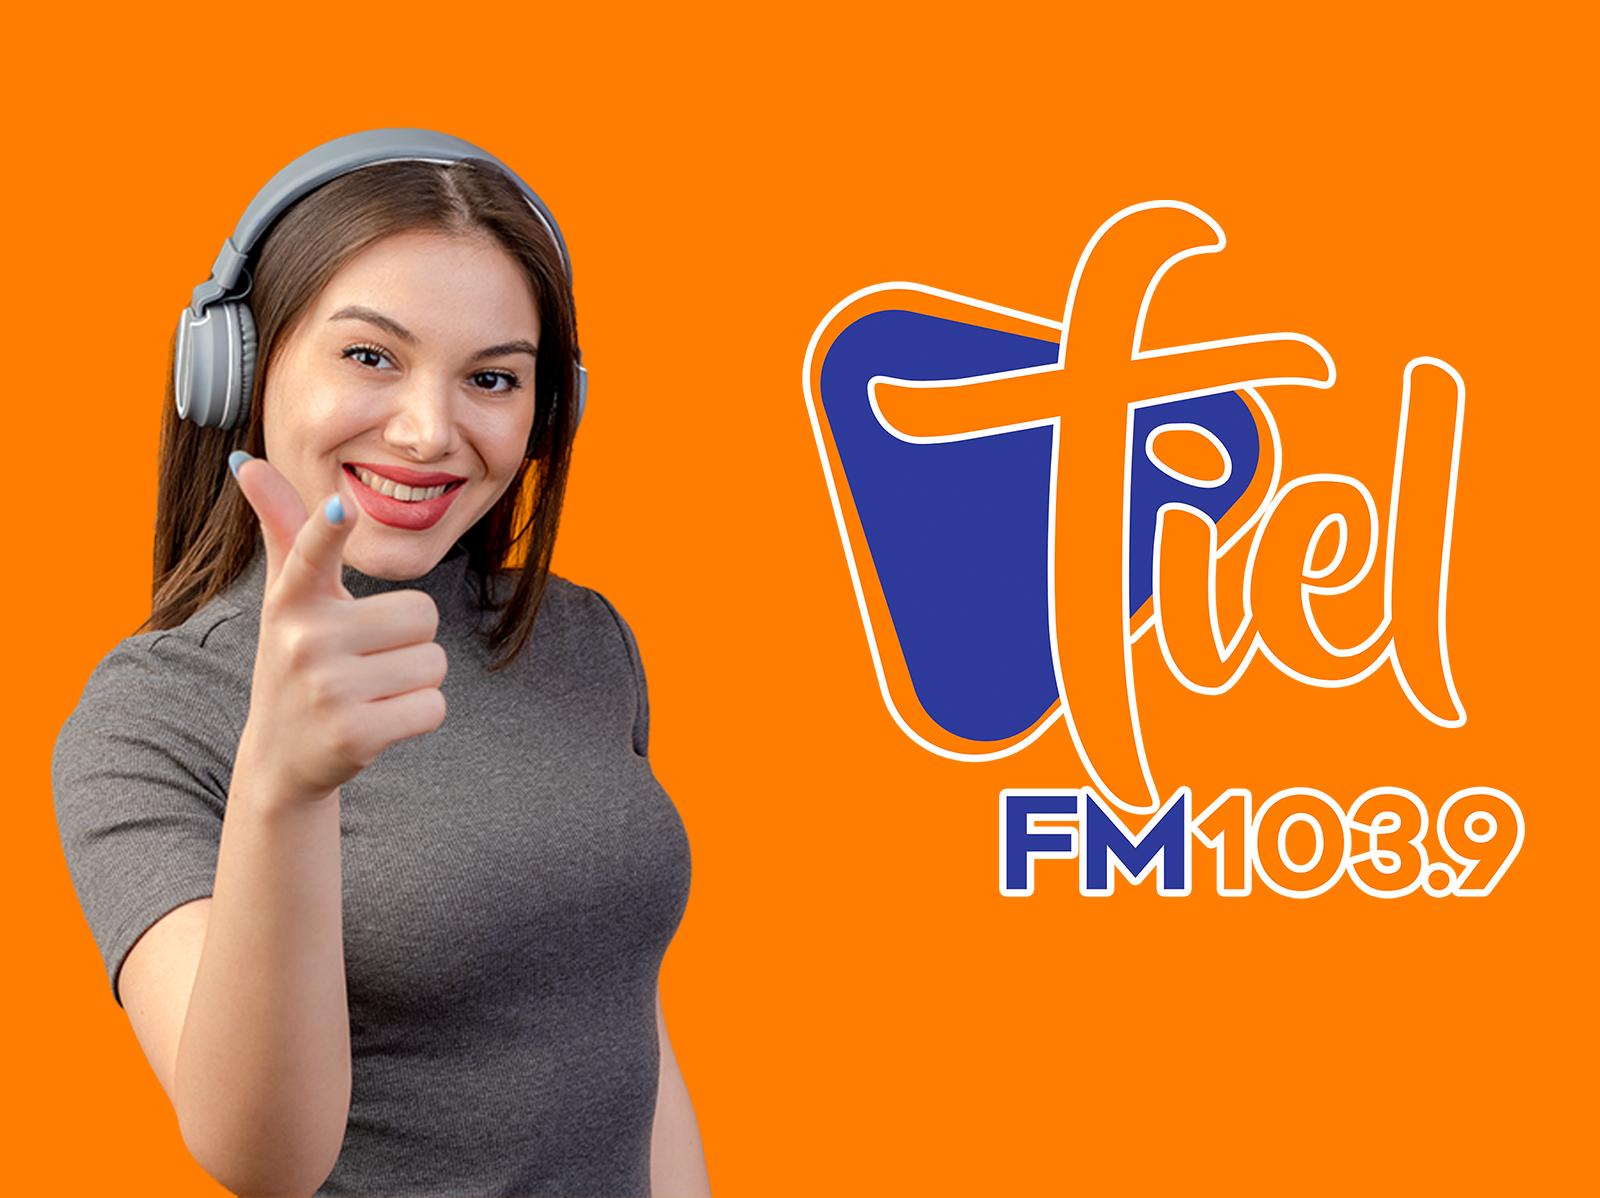 Fiel FM 103.9